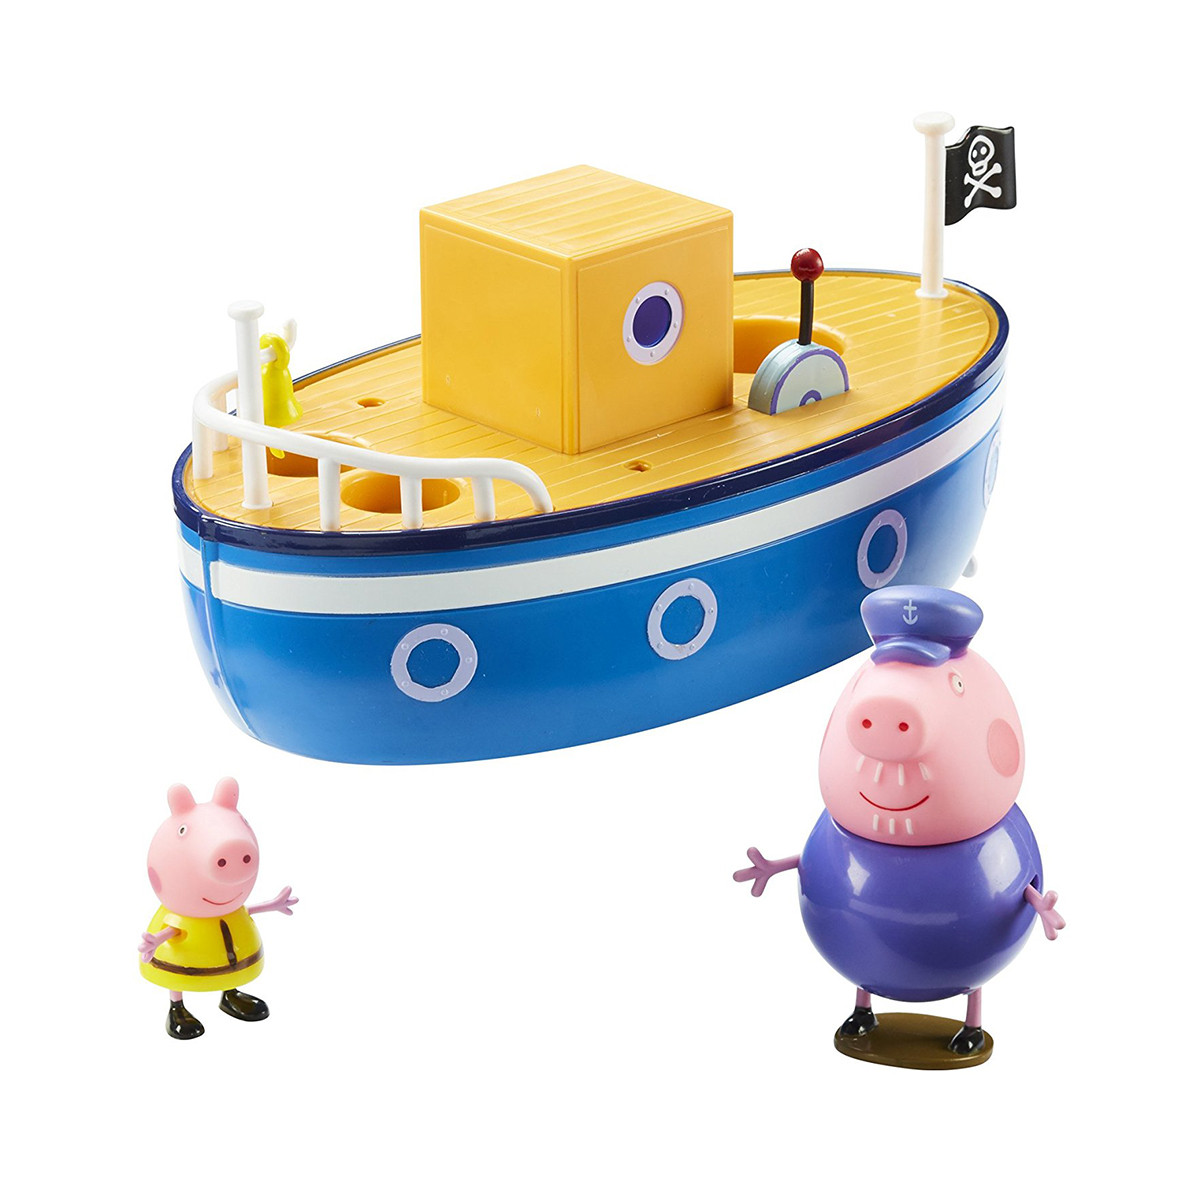 Ігровий набір Peppa - МОРСЬКЕ ПРИГОДА (кораблик, 2 фігурки), 05060